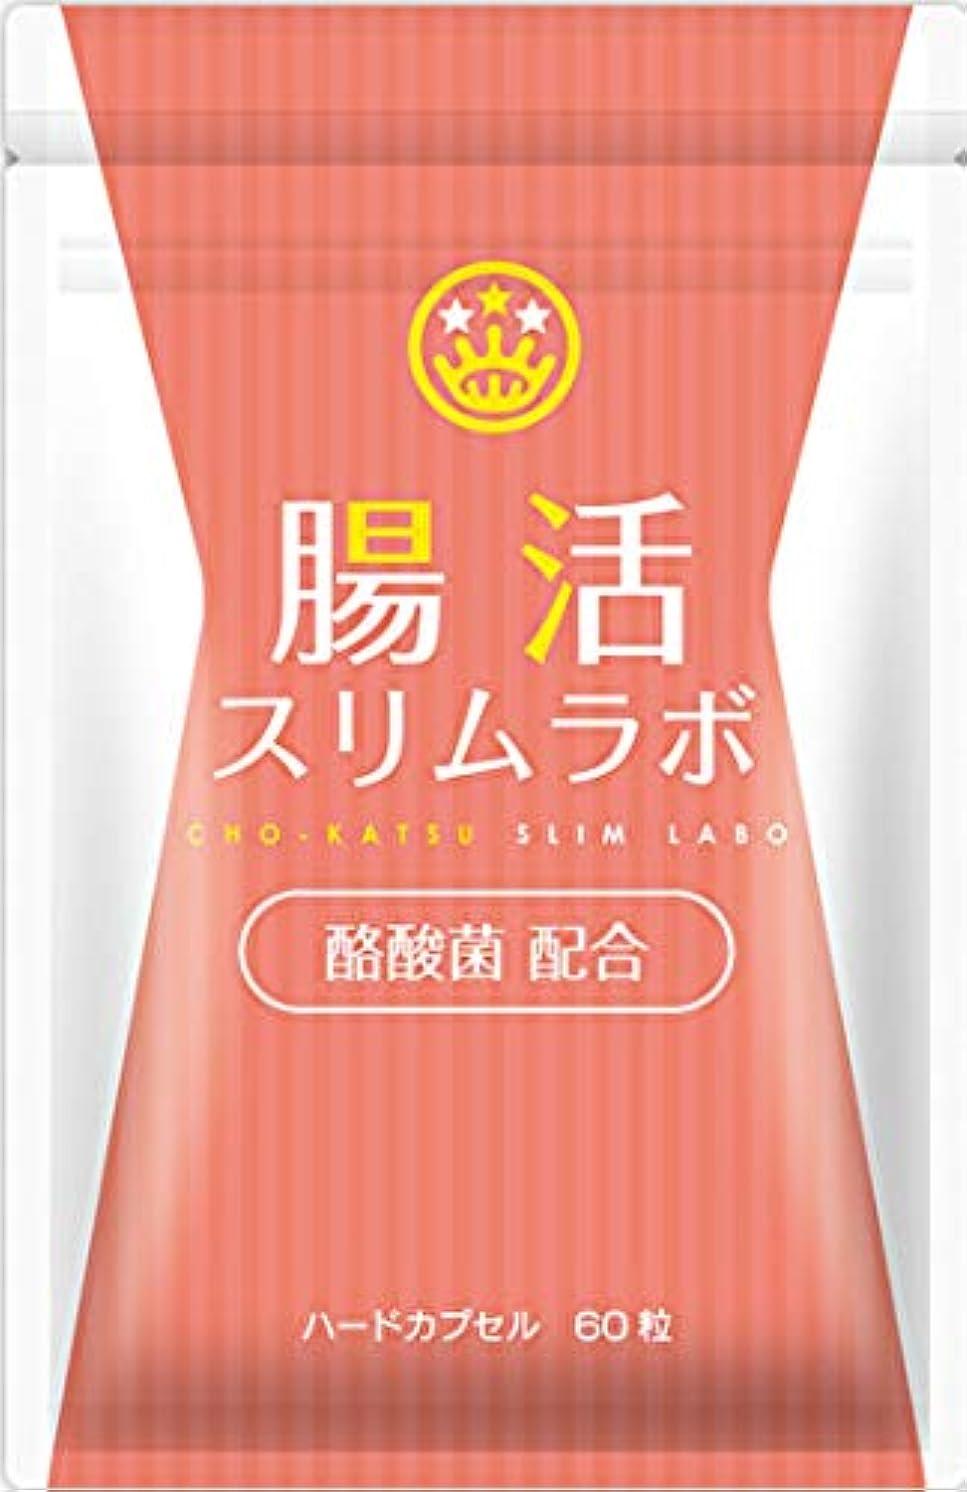 虎不完全うめき『3袋セット』酪酸菌サプリ 腸活スリムラボ (30日分) 酪酸菌 短鎖脂肪酸 サプリメント